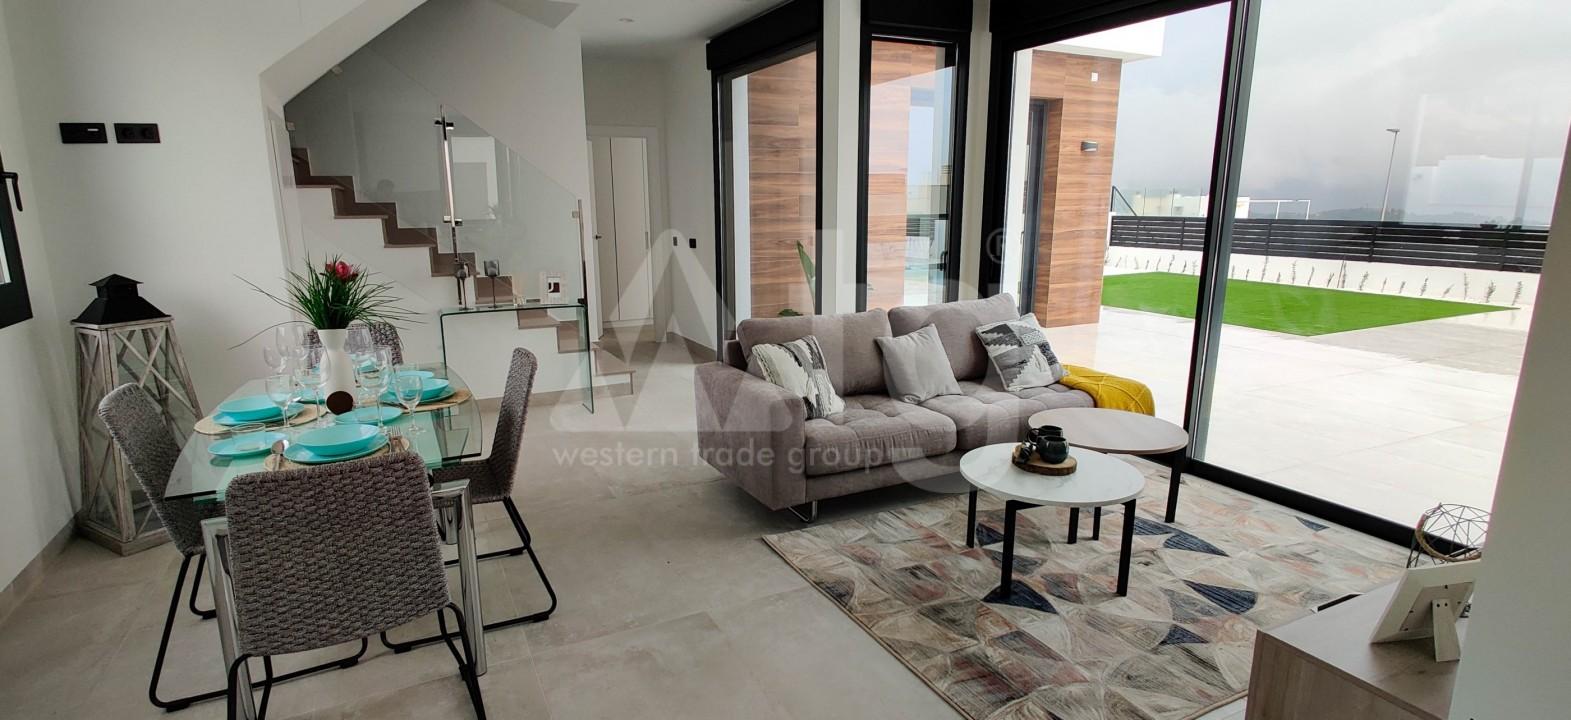 3 bedroom Villa in Dehesa de Campoamor  - AGI115705 - 5